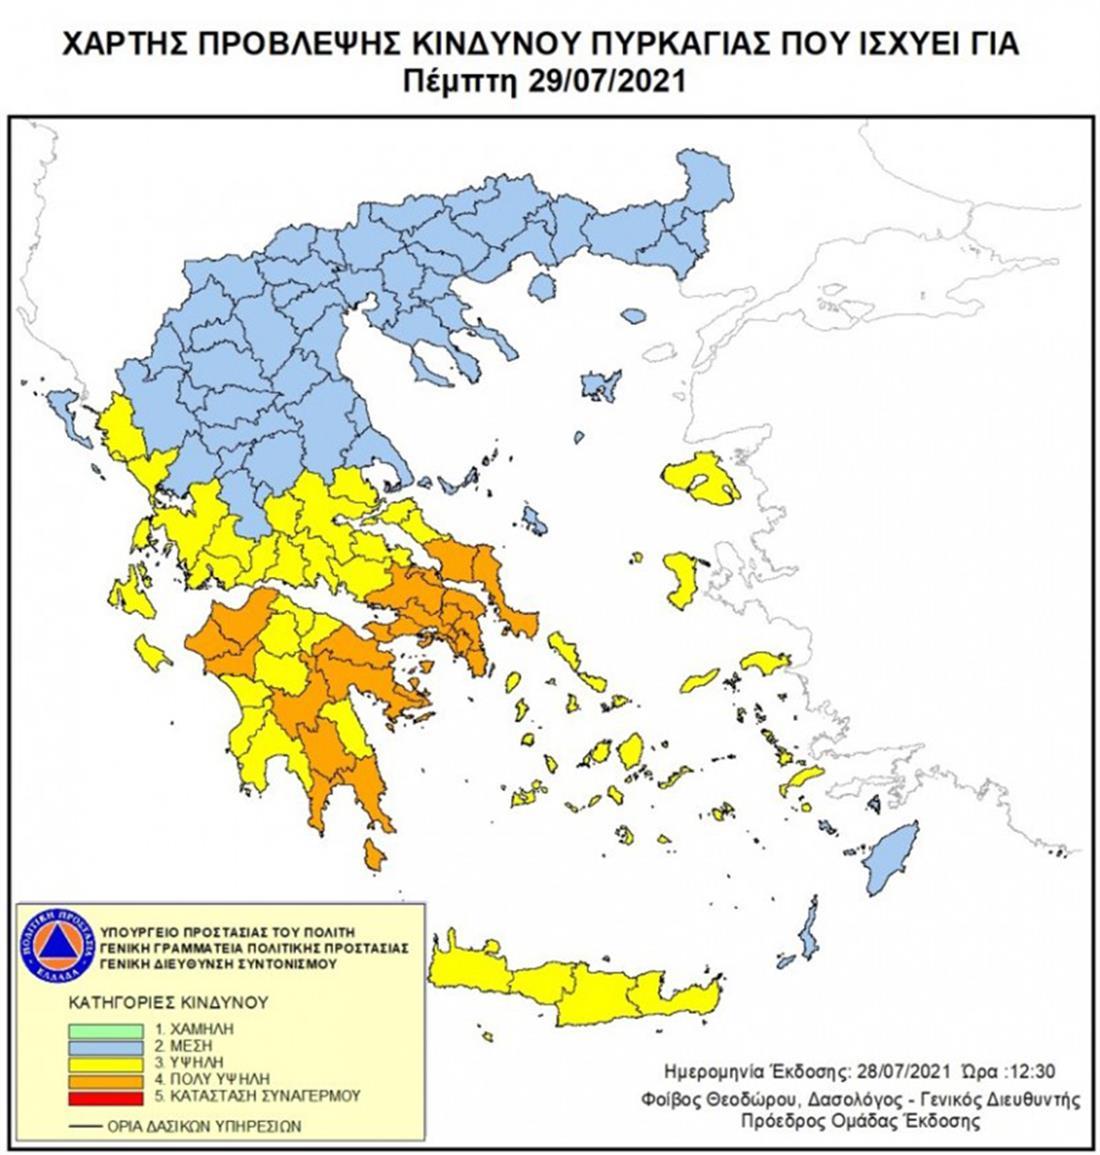 Χάρτης Πρόβλεψης Κινδύνου Πυρκαγιάς - Πέμπτη 29 Ιουλίου 2021